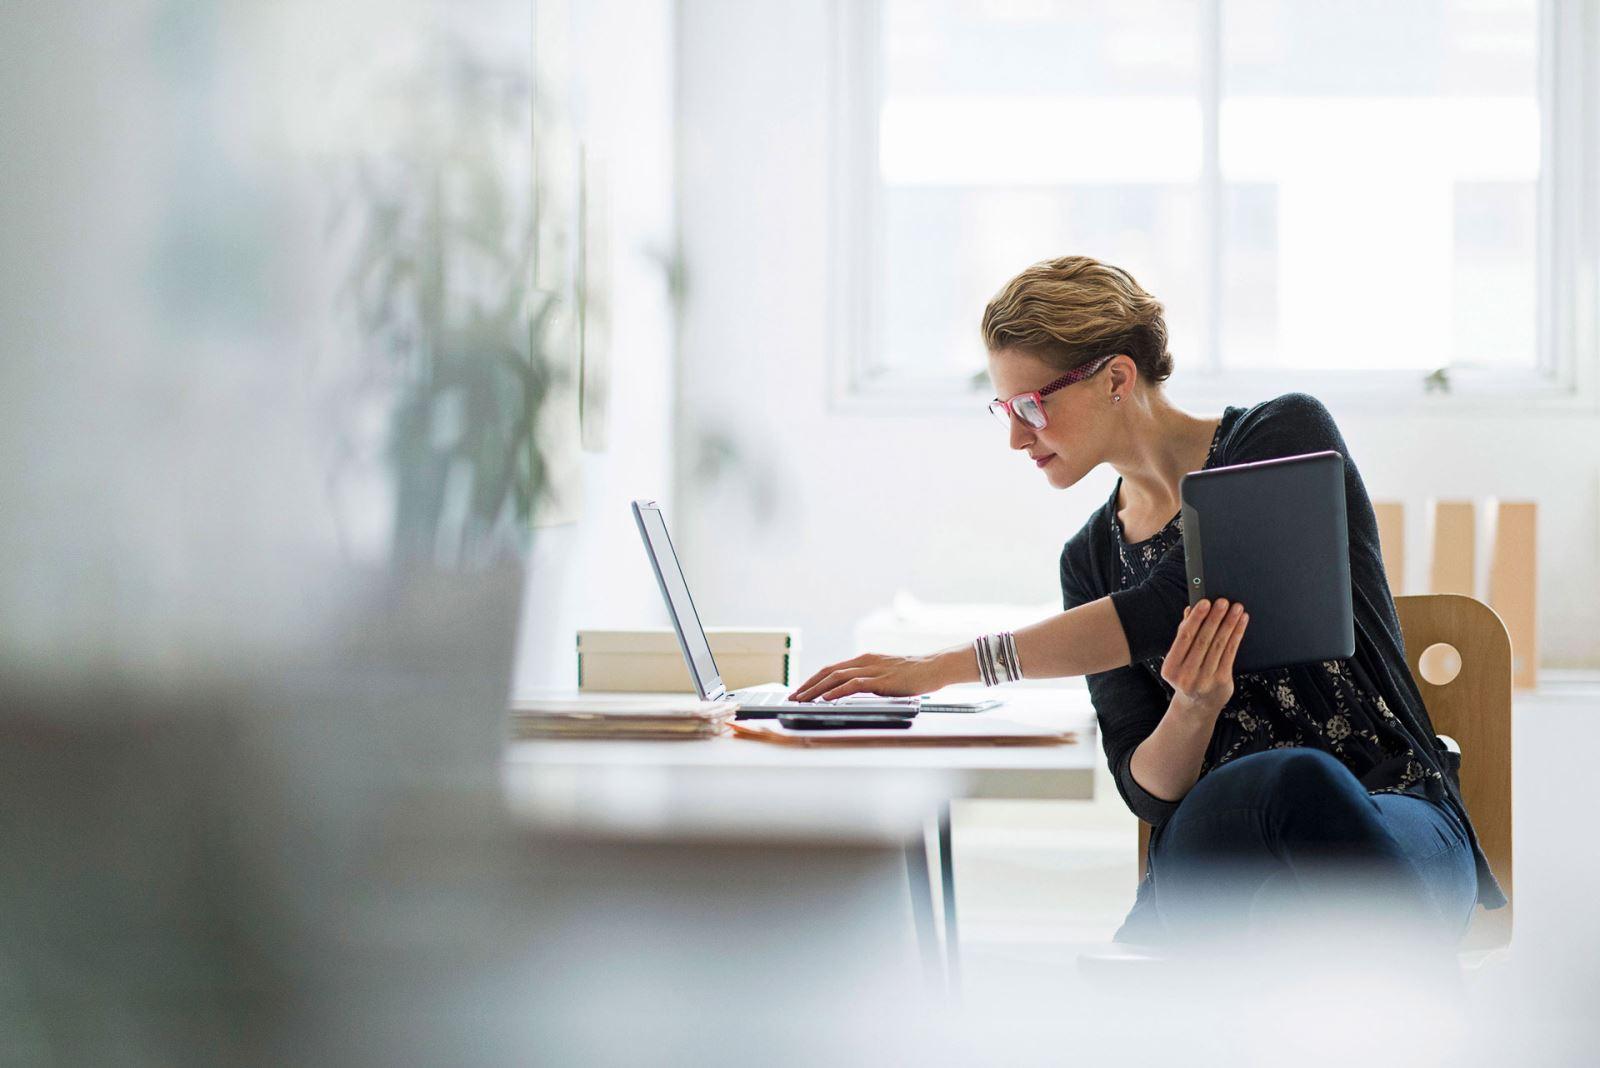 Cổng thông tin tuyển dụng nhân viên